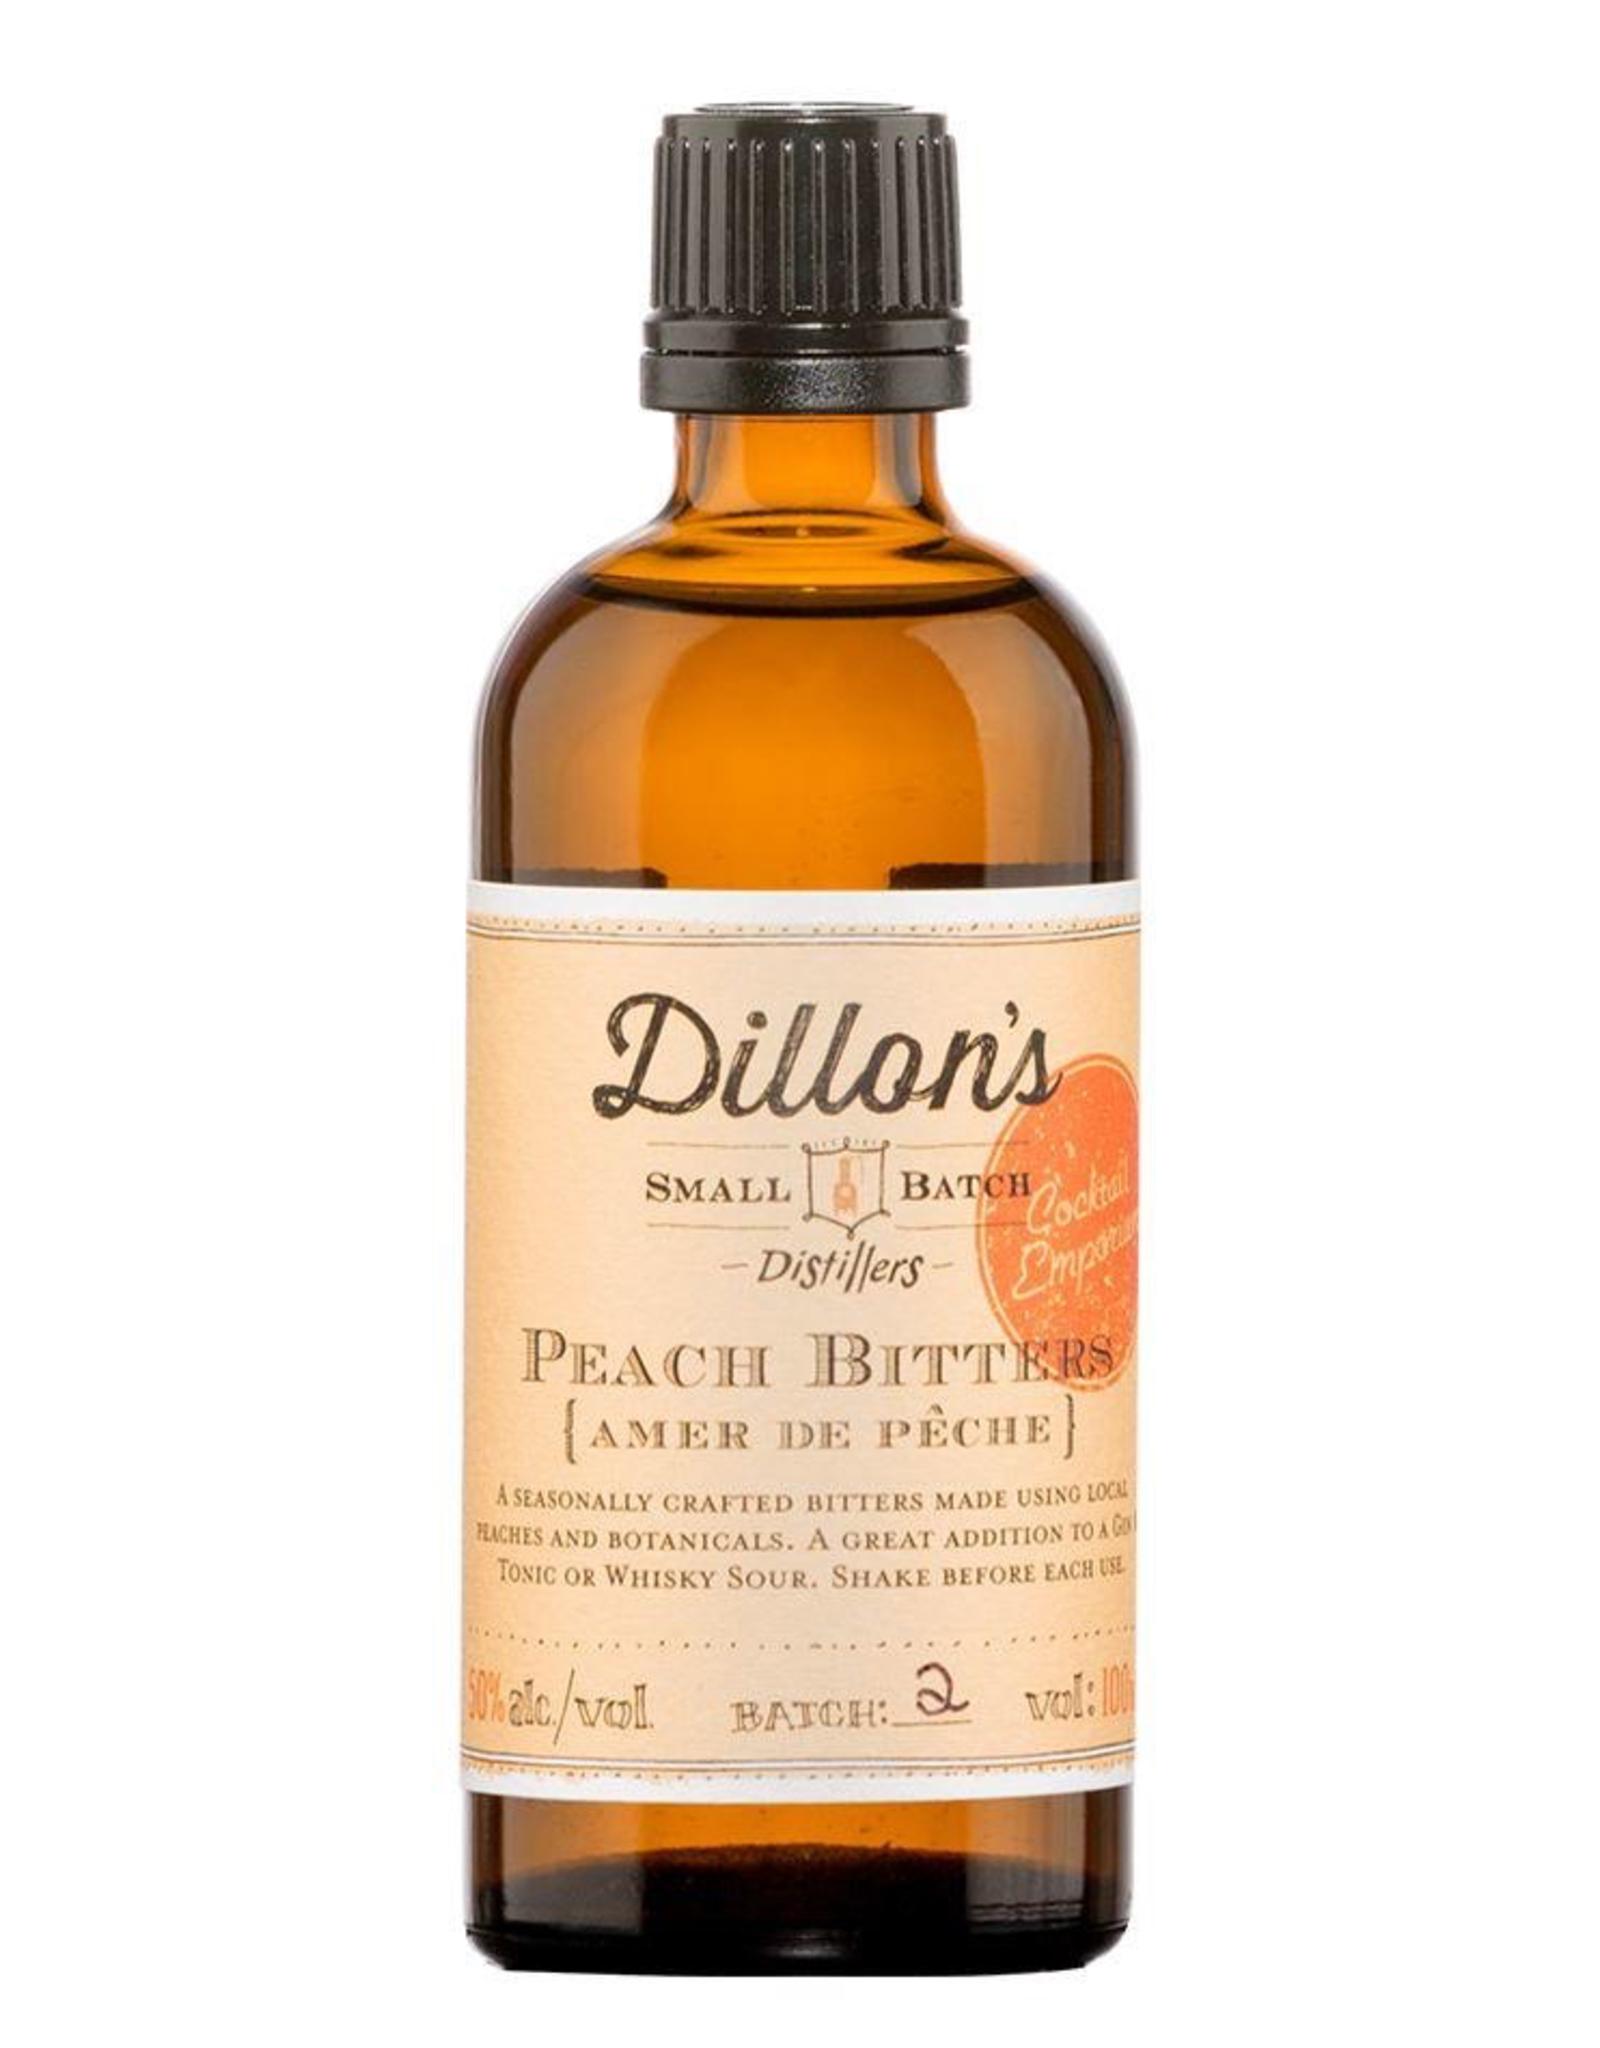 Peach Bitters